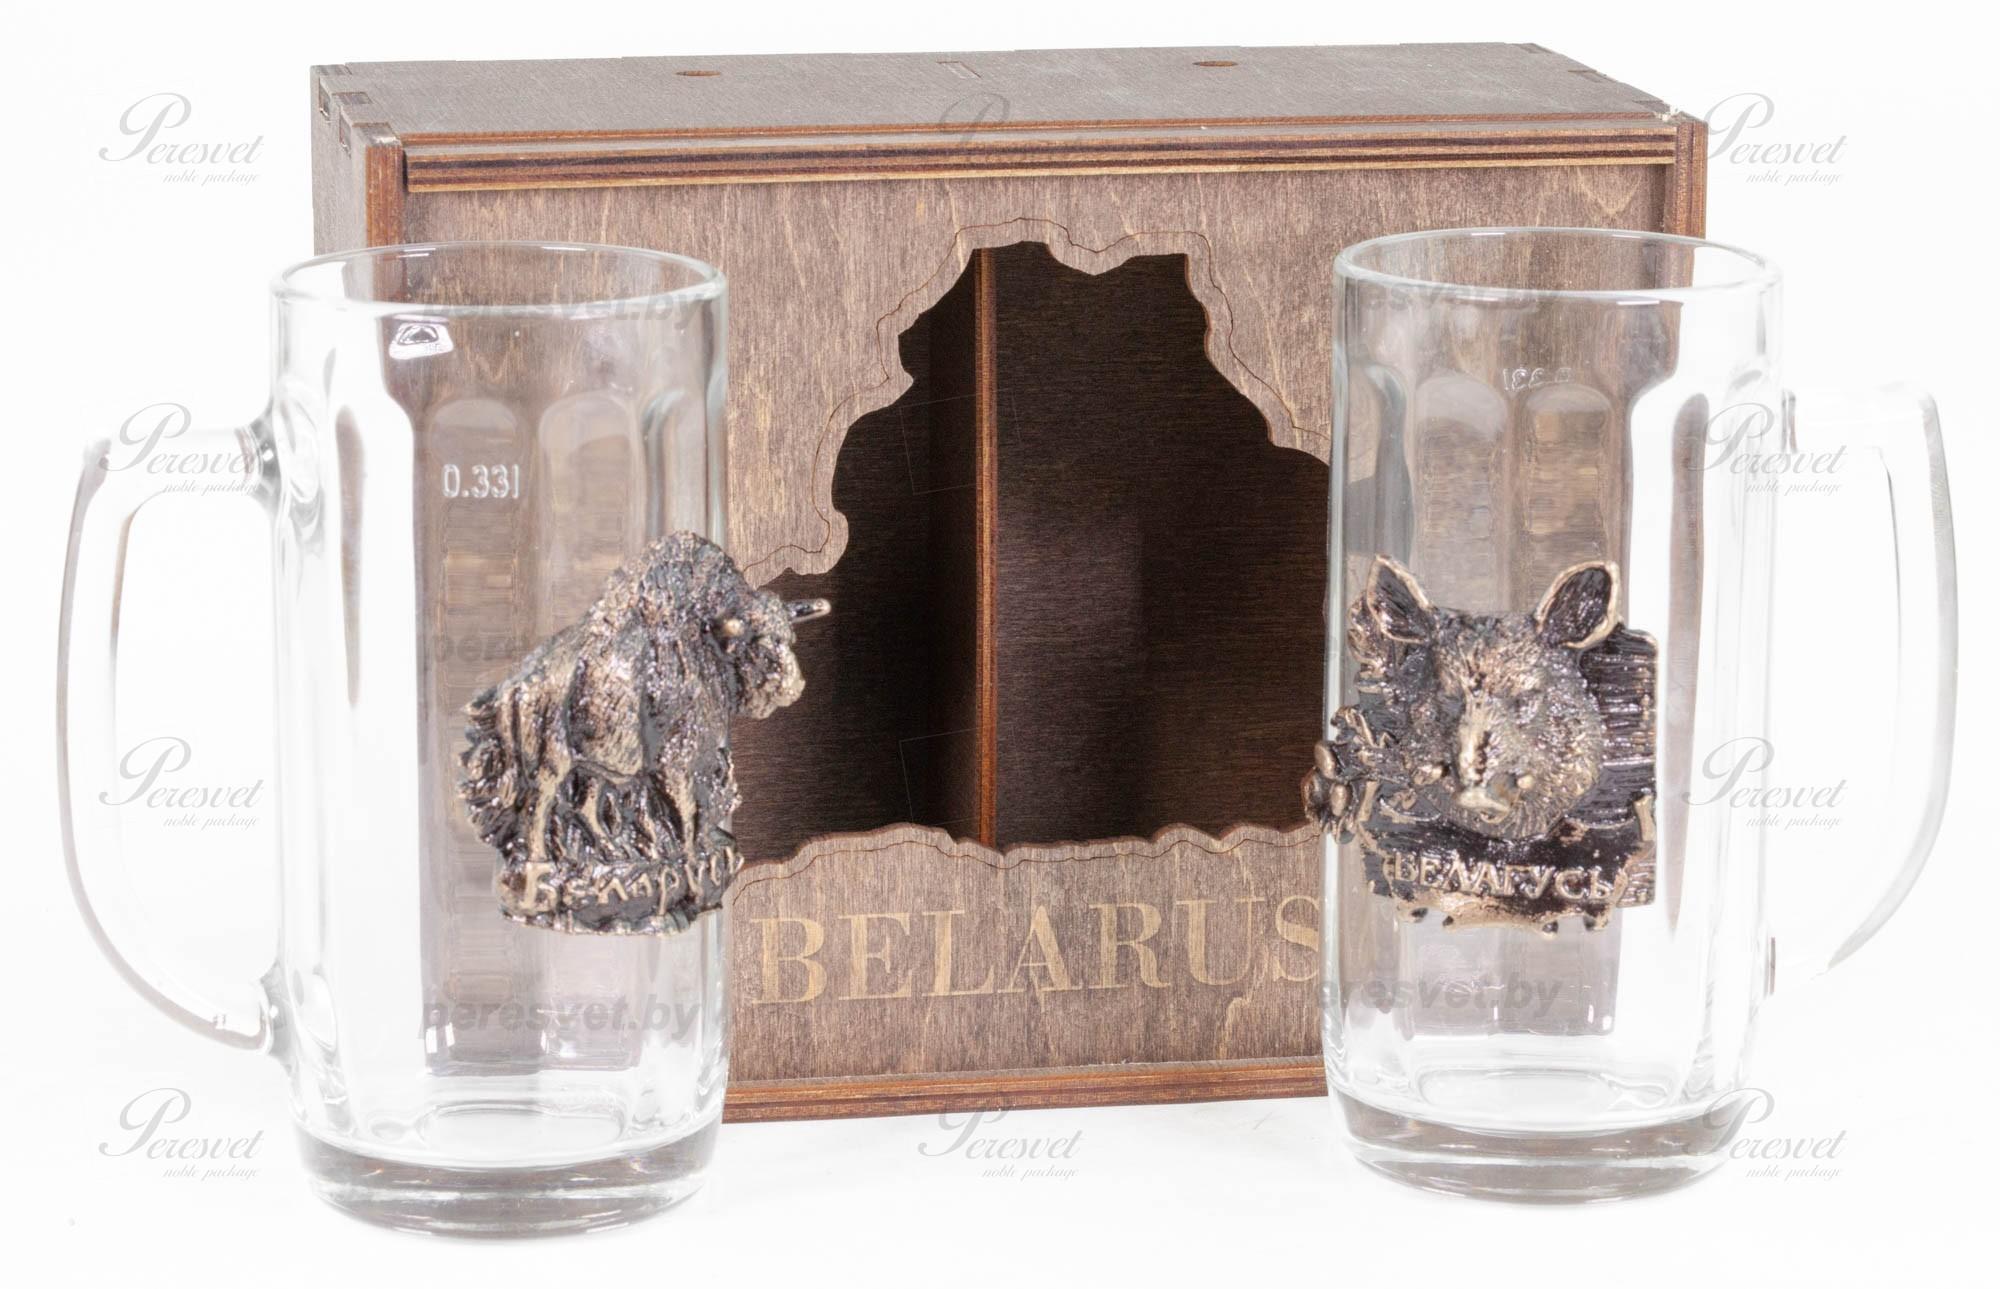 Набор подарочный Beer Premium художественное литье бронзы на peresvet.by